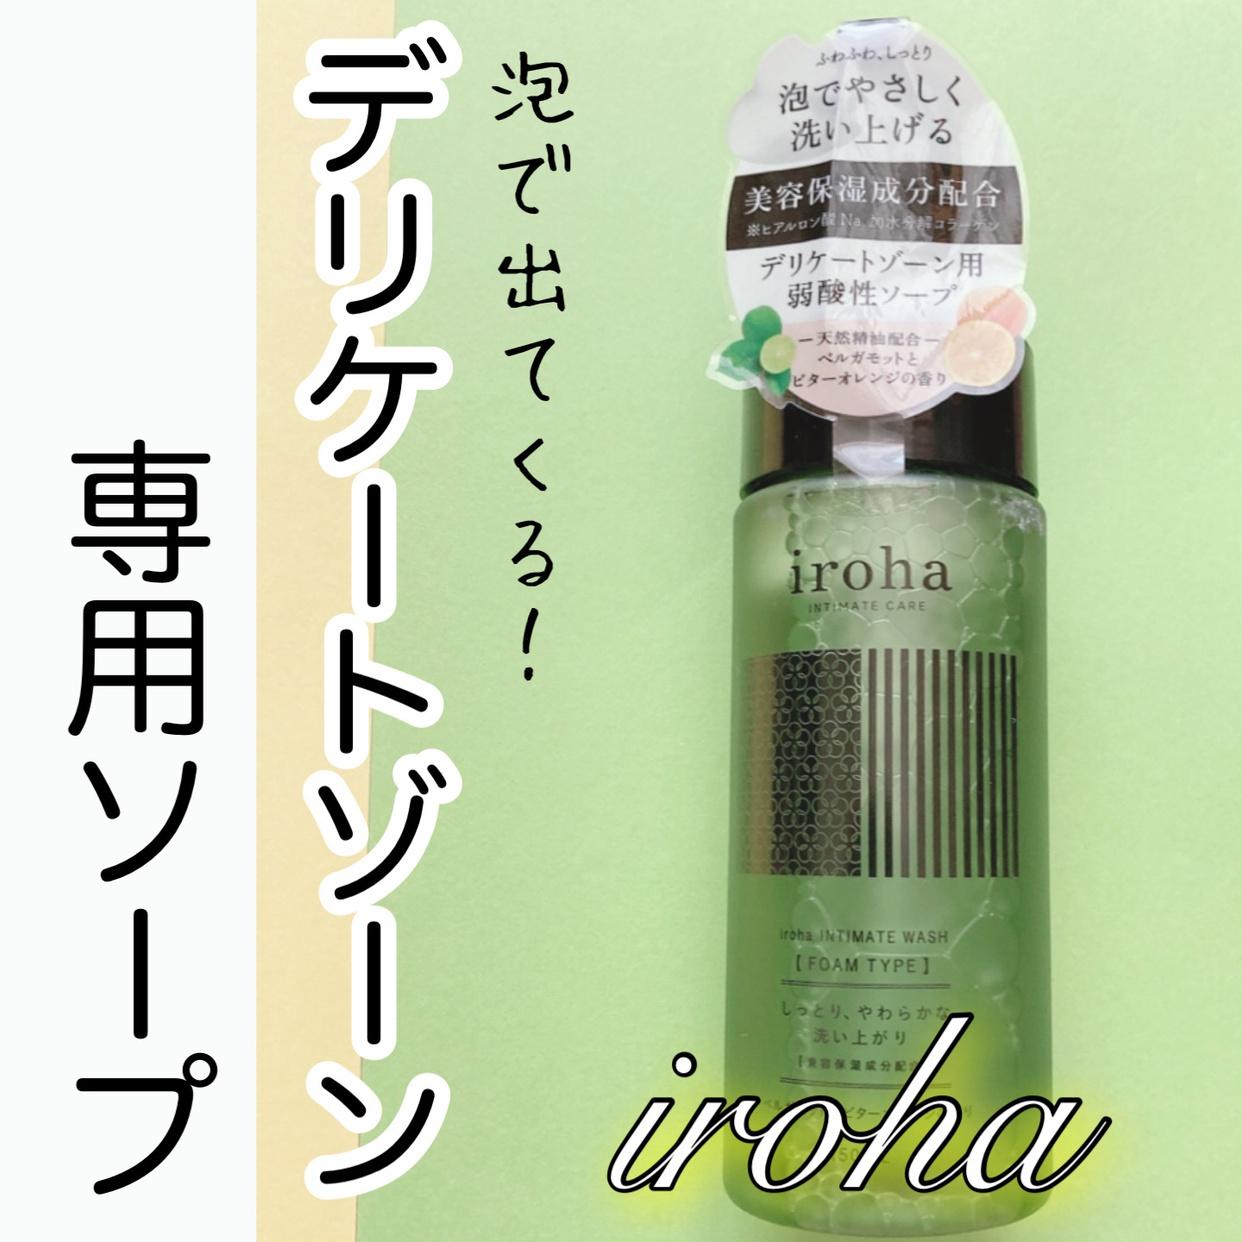 iroha(イロハ) インティメート ウォッシュ フォームを使ったyunaさんのクチコミ画像1